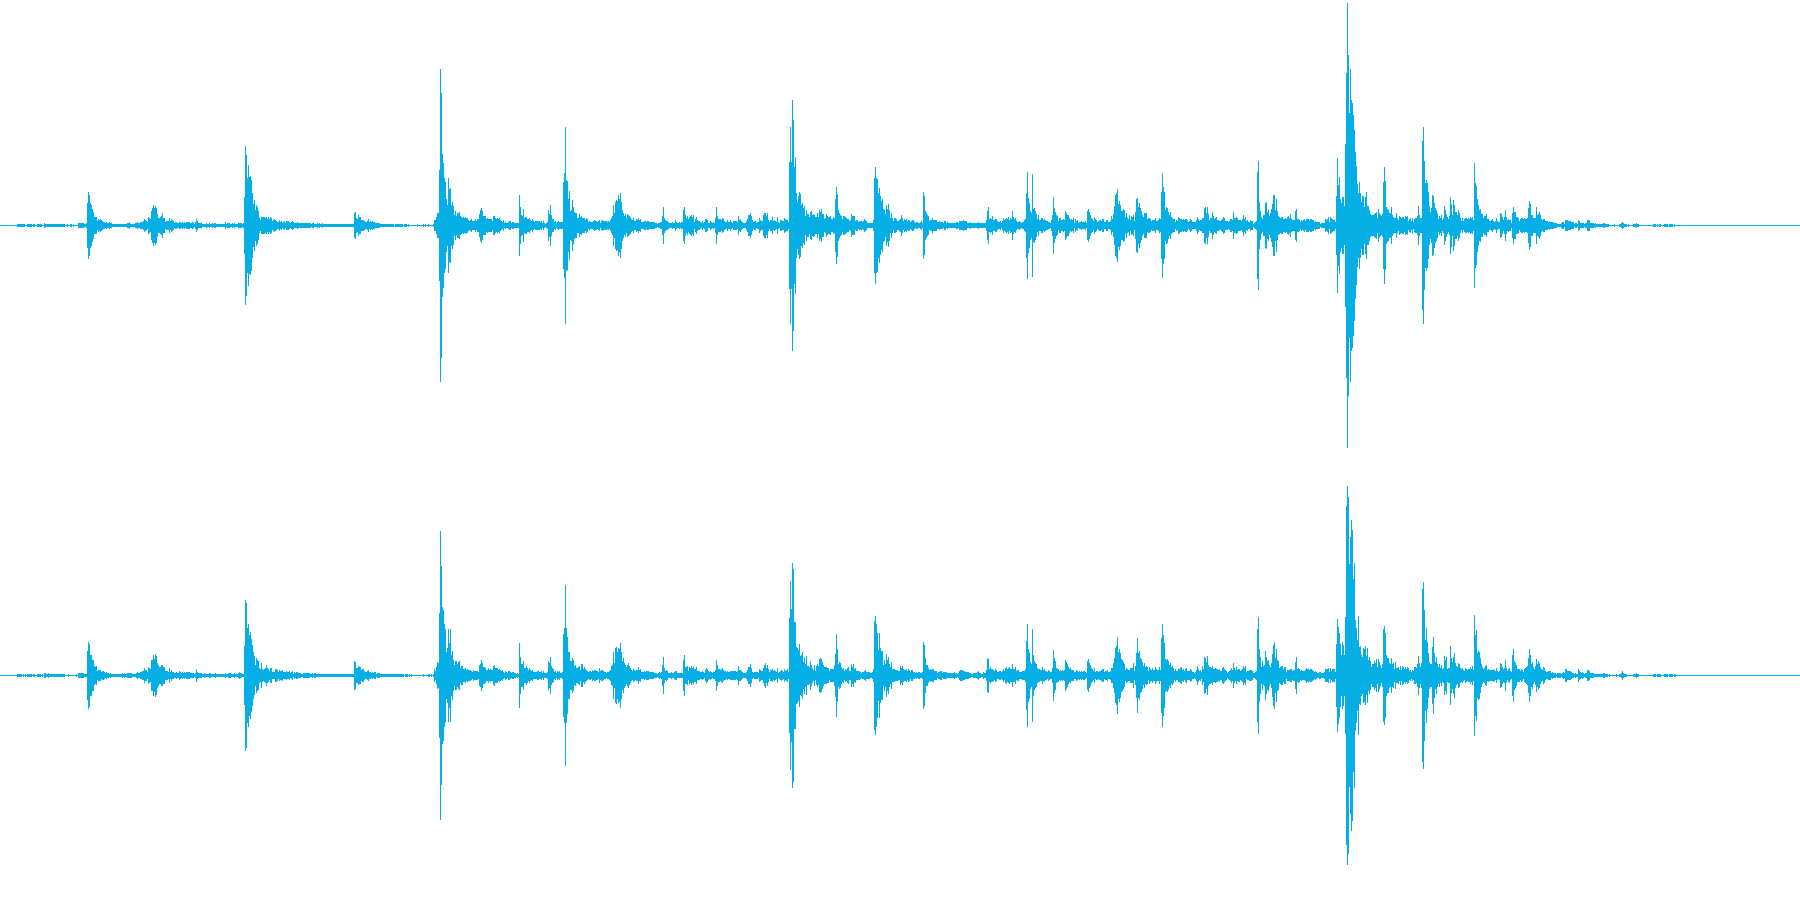 【生録音】弁当・惣菜パックの音 3の再生済みの波形